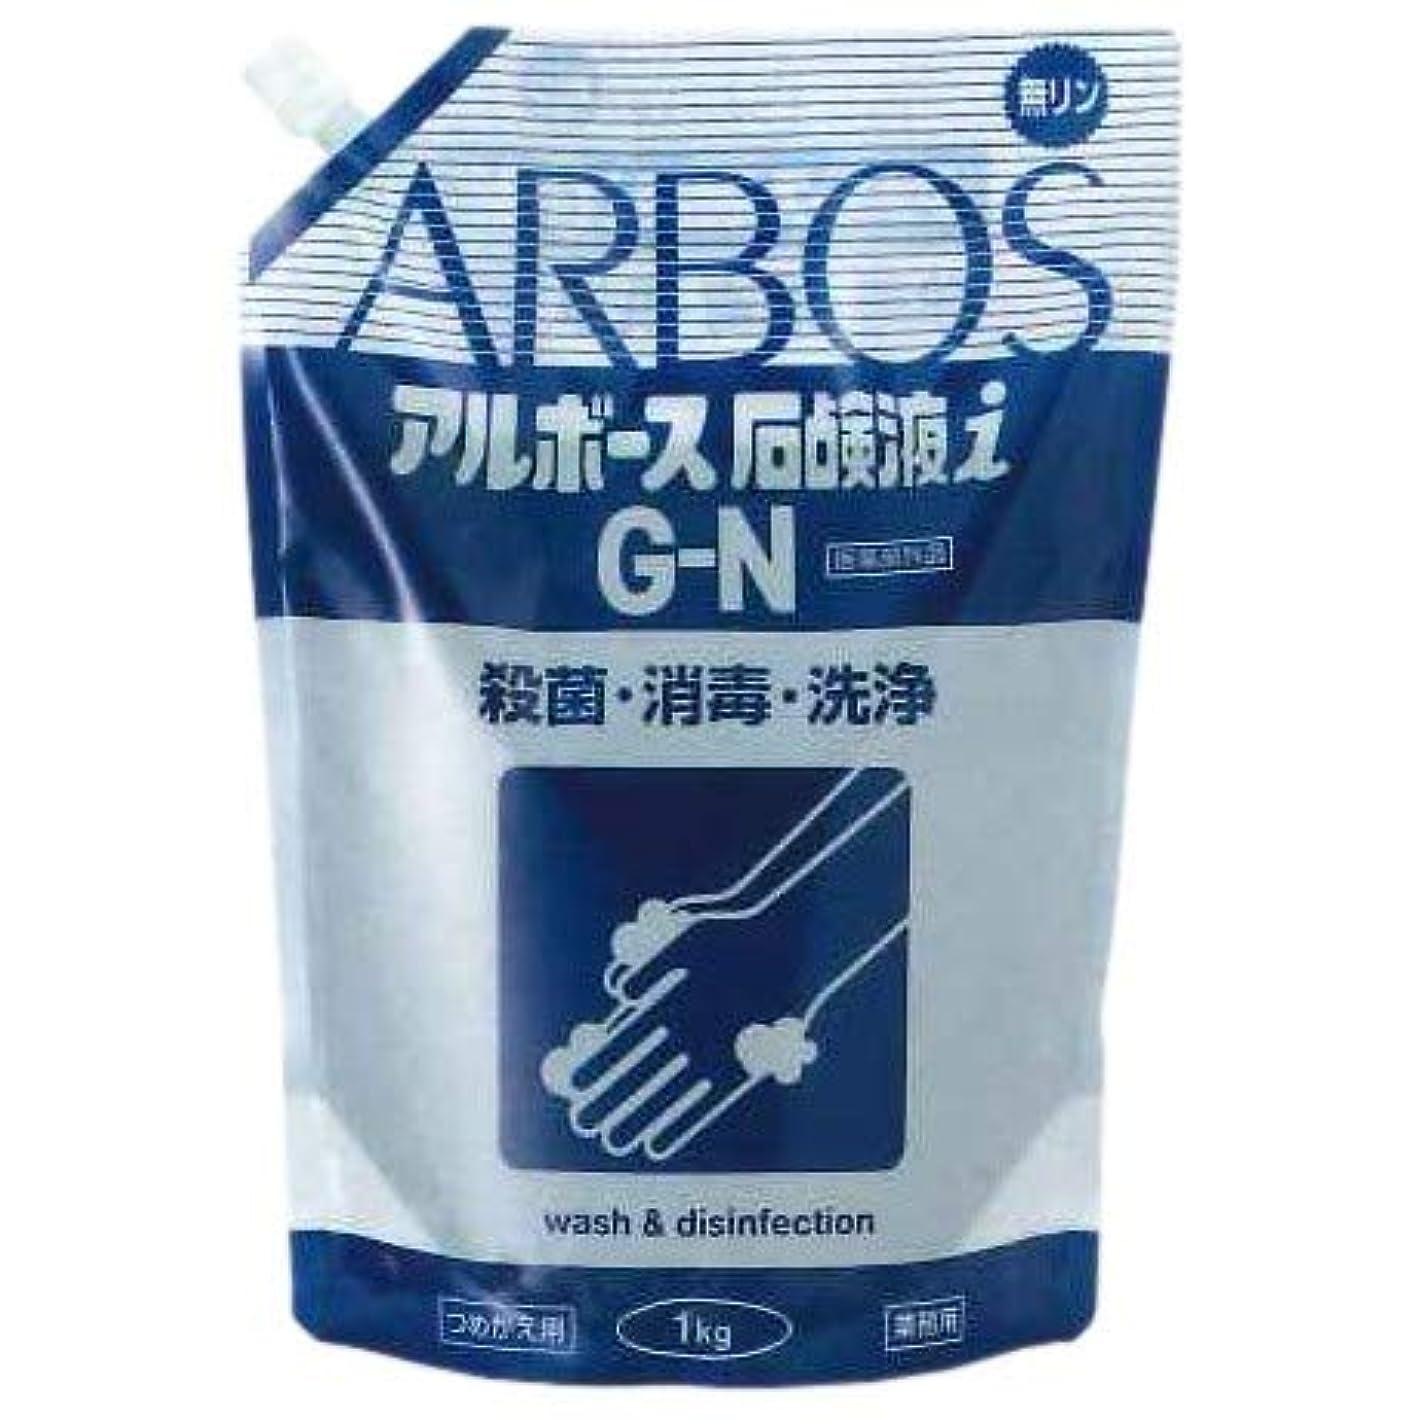 ファントムこどもの宮殿クラウンアルボース 薬用ハンドソープ アルボース石鹸液i G-N 濃縮タイプ 1kg×18袋